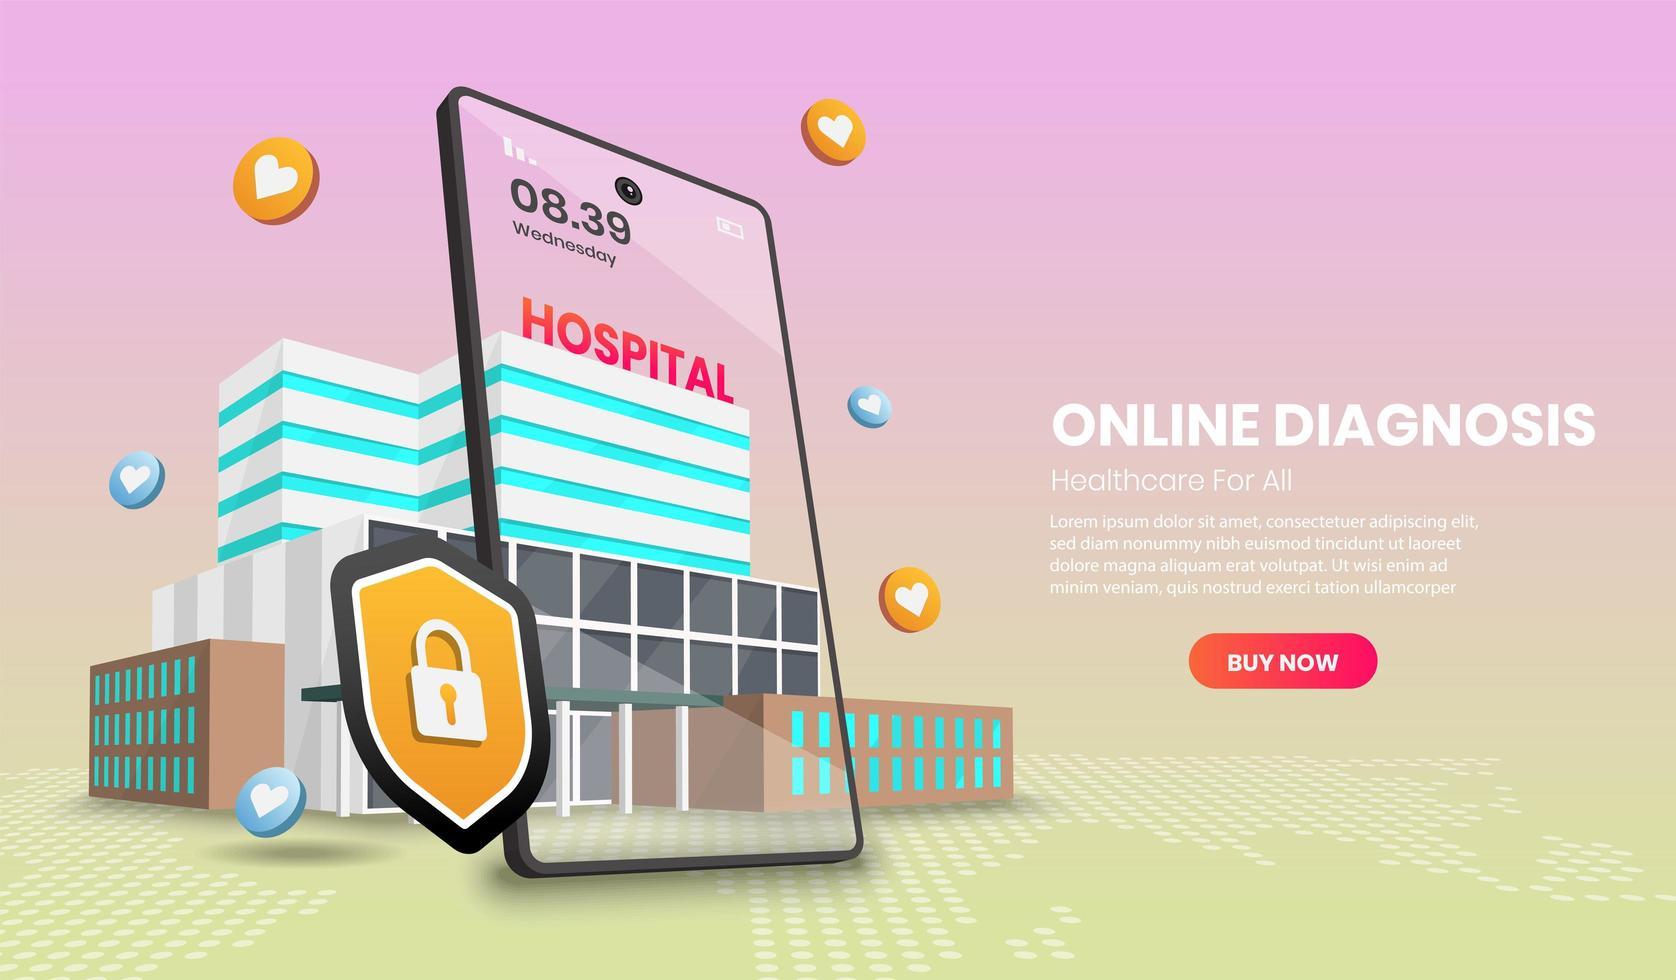 página da web de diagnóstico online vetor